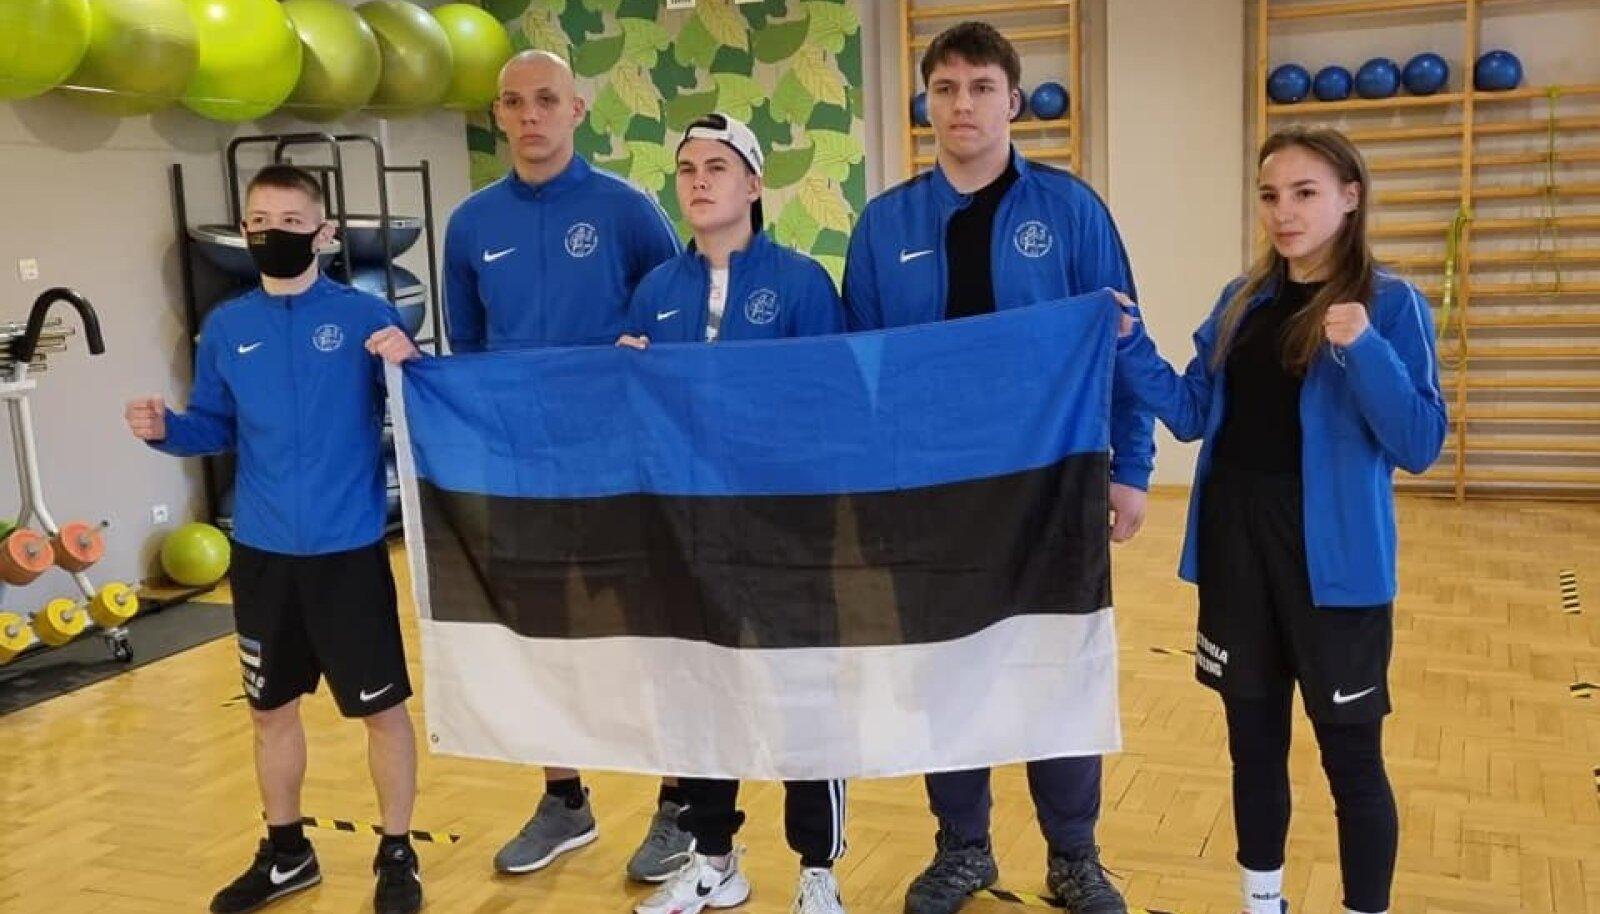 Vasakult Allan Morozov, Anton Vinogradov, Matvei Starikov, Mario Jerjazov ning Diana Gorisnaja.